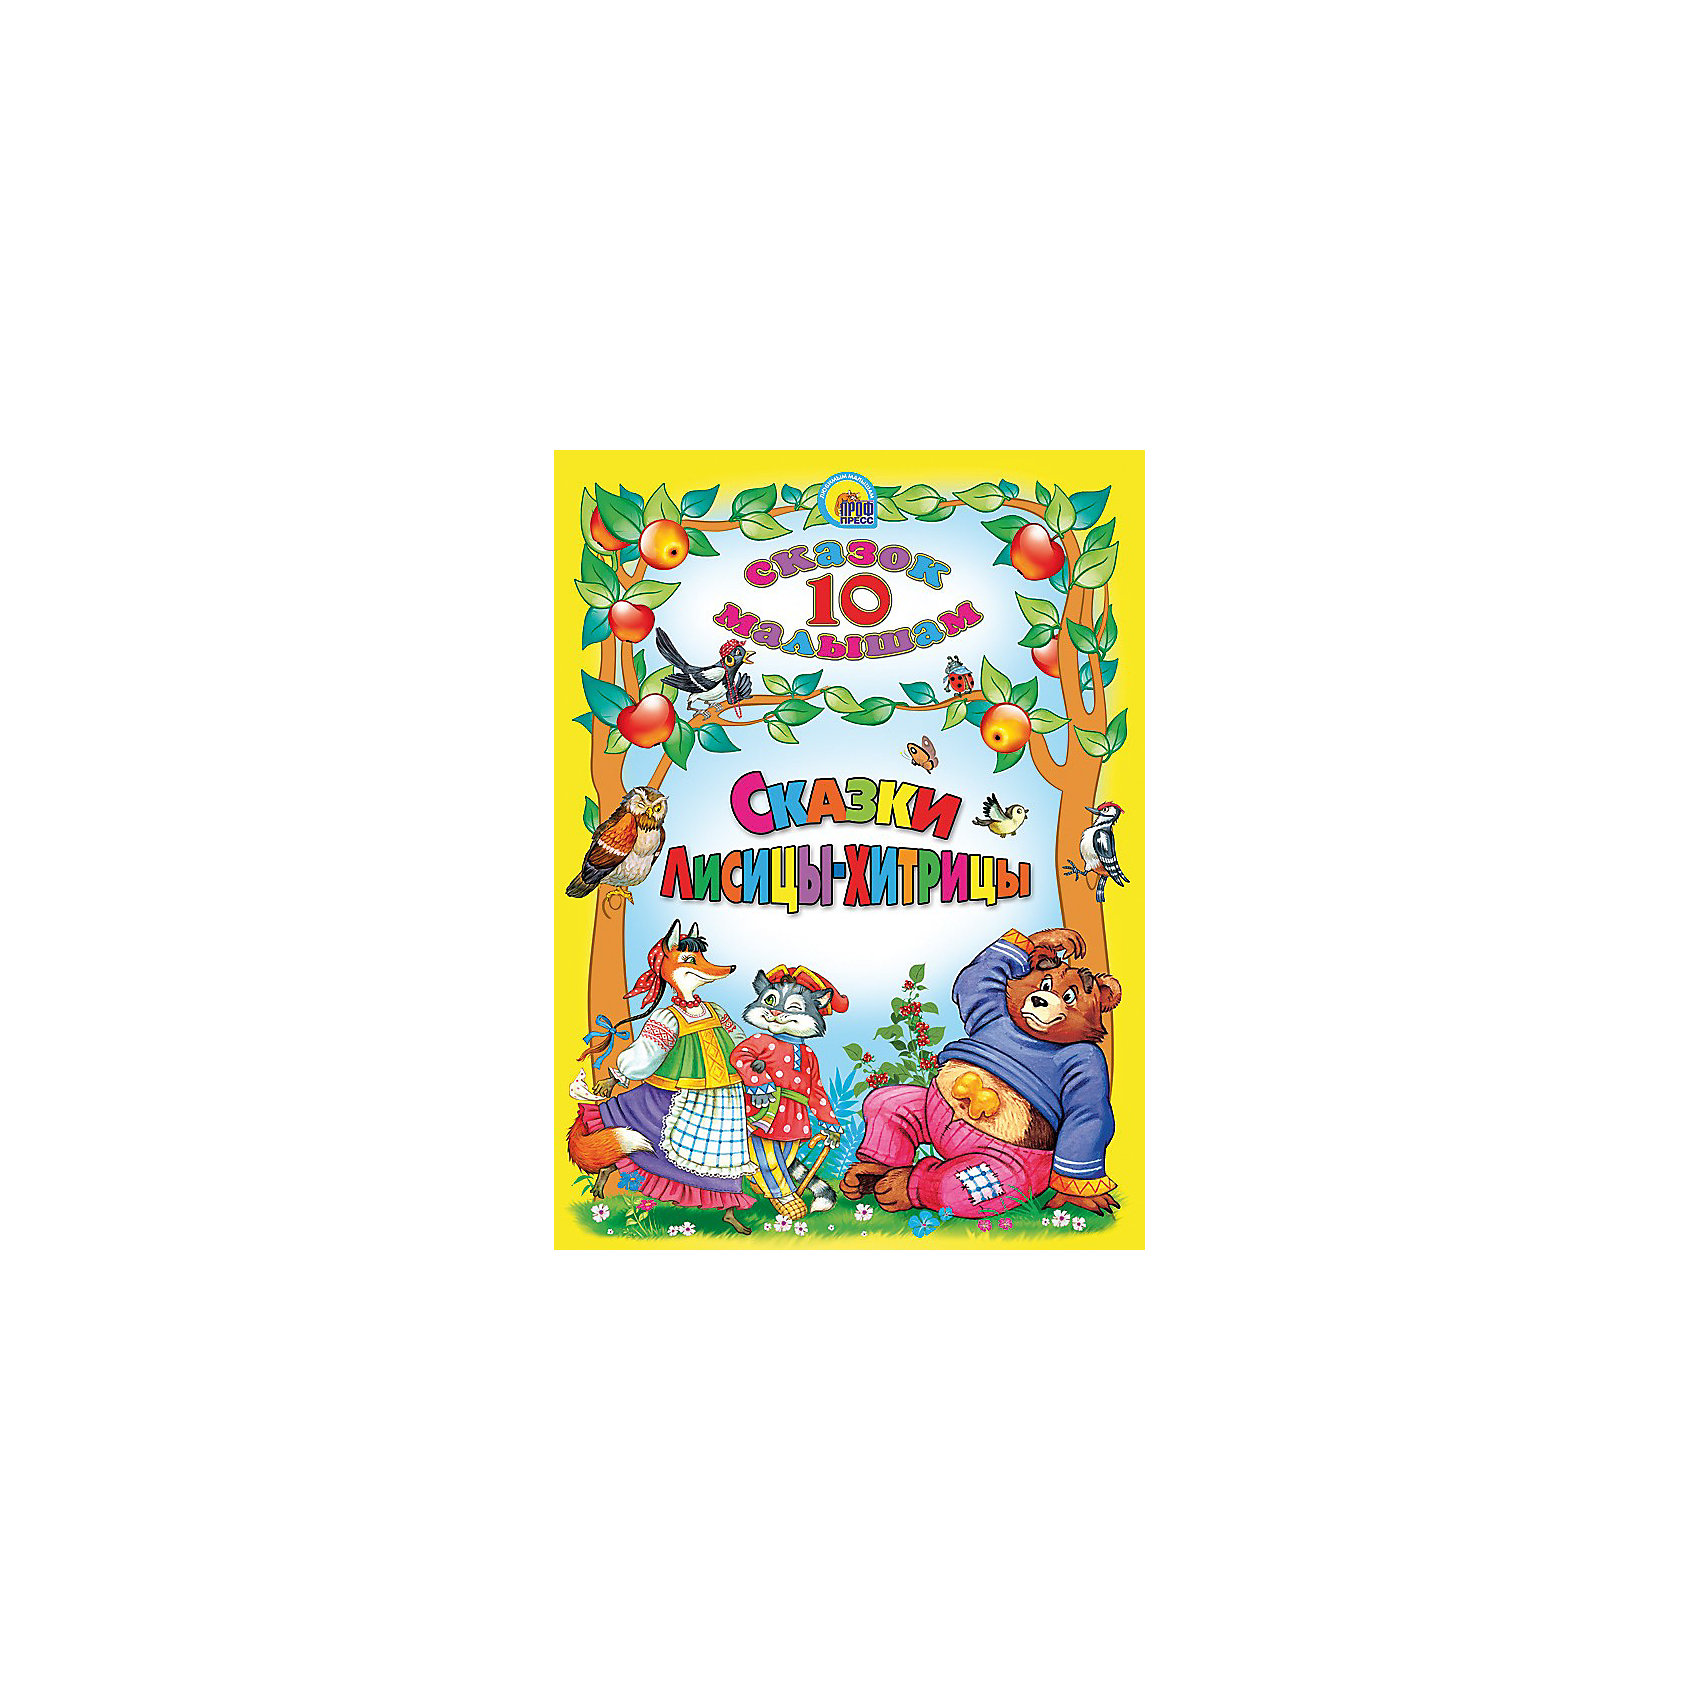 Проф-Пресс 10 сказок. Сказки лисицы-хитрицыРусские сказки<br>Любимые сказки собраны в серии книг 10 сказок. Замечательные иллюстрации не оставят равнодушными не только детей, но и их родителей.Ваш малыш не только с удовольствием познакомится с содержанием известных сказок, но и получит первые уроки доброты, юмора и смекалки.<br><br>Содержание: Еж и Заяц.<br>Мужик, Медведь и Лиса.<br>За лапоток - курочку, за курочку - гусочку…<br>Отчего у Зайца длинные уши.<br>Неправый суд птиц.<br>Лиса-повитуха.<br>Про Мышь зубастую и Воробья богатого.<br>Королек.<br>Лиса и Тетерев.<br>Кот и Лиса.<br><br>Материал: бумага офсетная, обложка твердая.<br>Книга содержит 128 стр.<br><br>Ширина мм: 162<br>Глубина мм: 15<br>Высота мм: 220<br>Вес г: 272<br>Возраст от месяцев: 48<br>Возраст до месяцев: 72<br>Пол: Унисекс<br>Возраст: Детский<br>SKU: 2499680